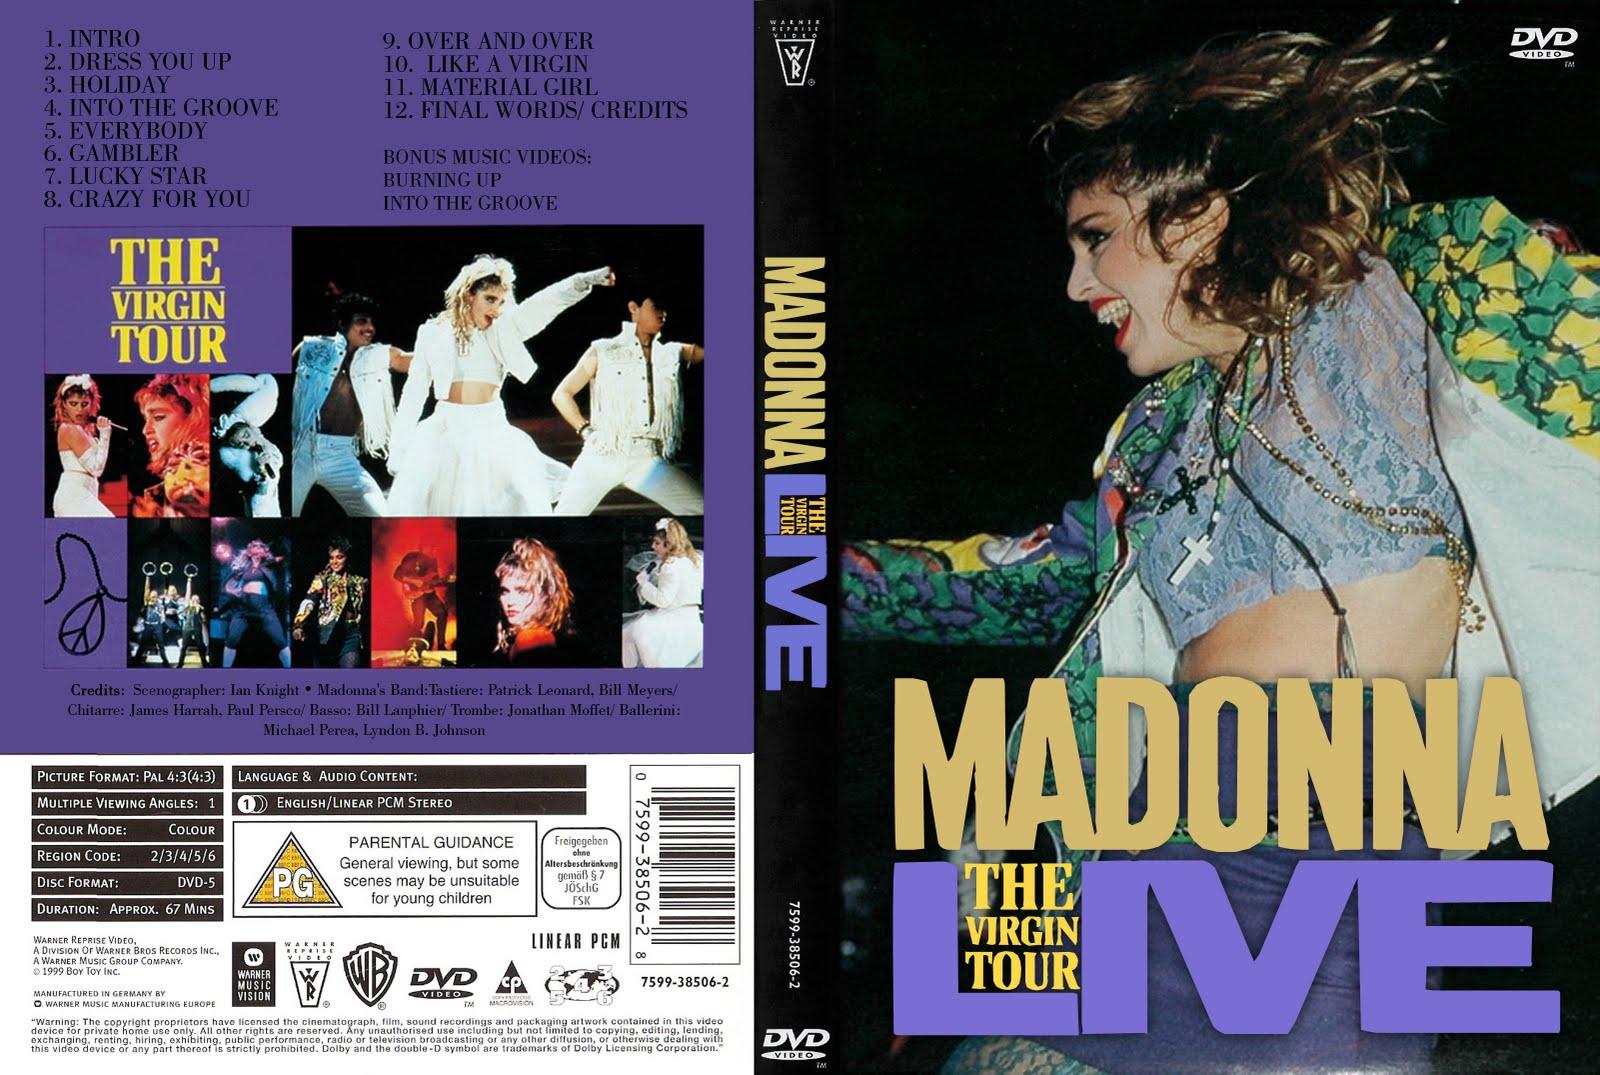 The Virgin Tour Dvd 49